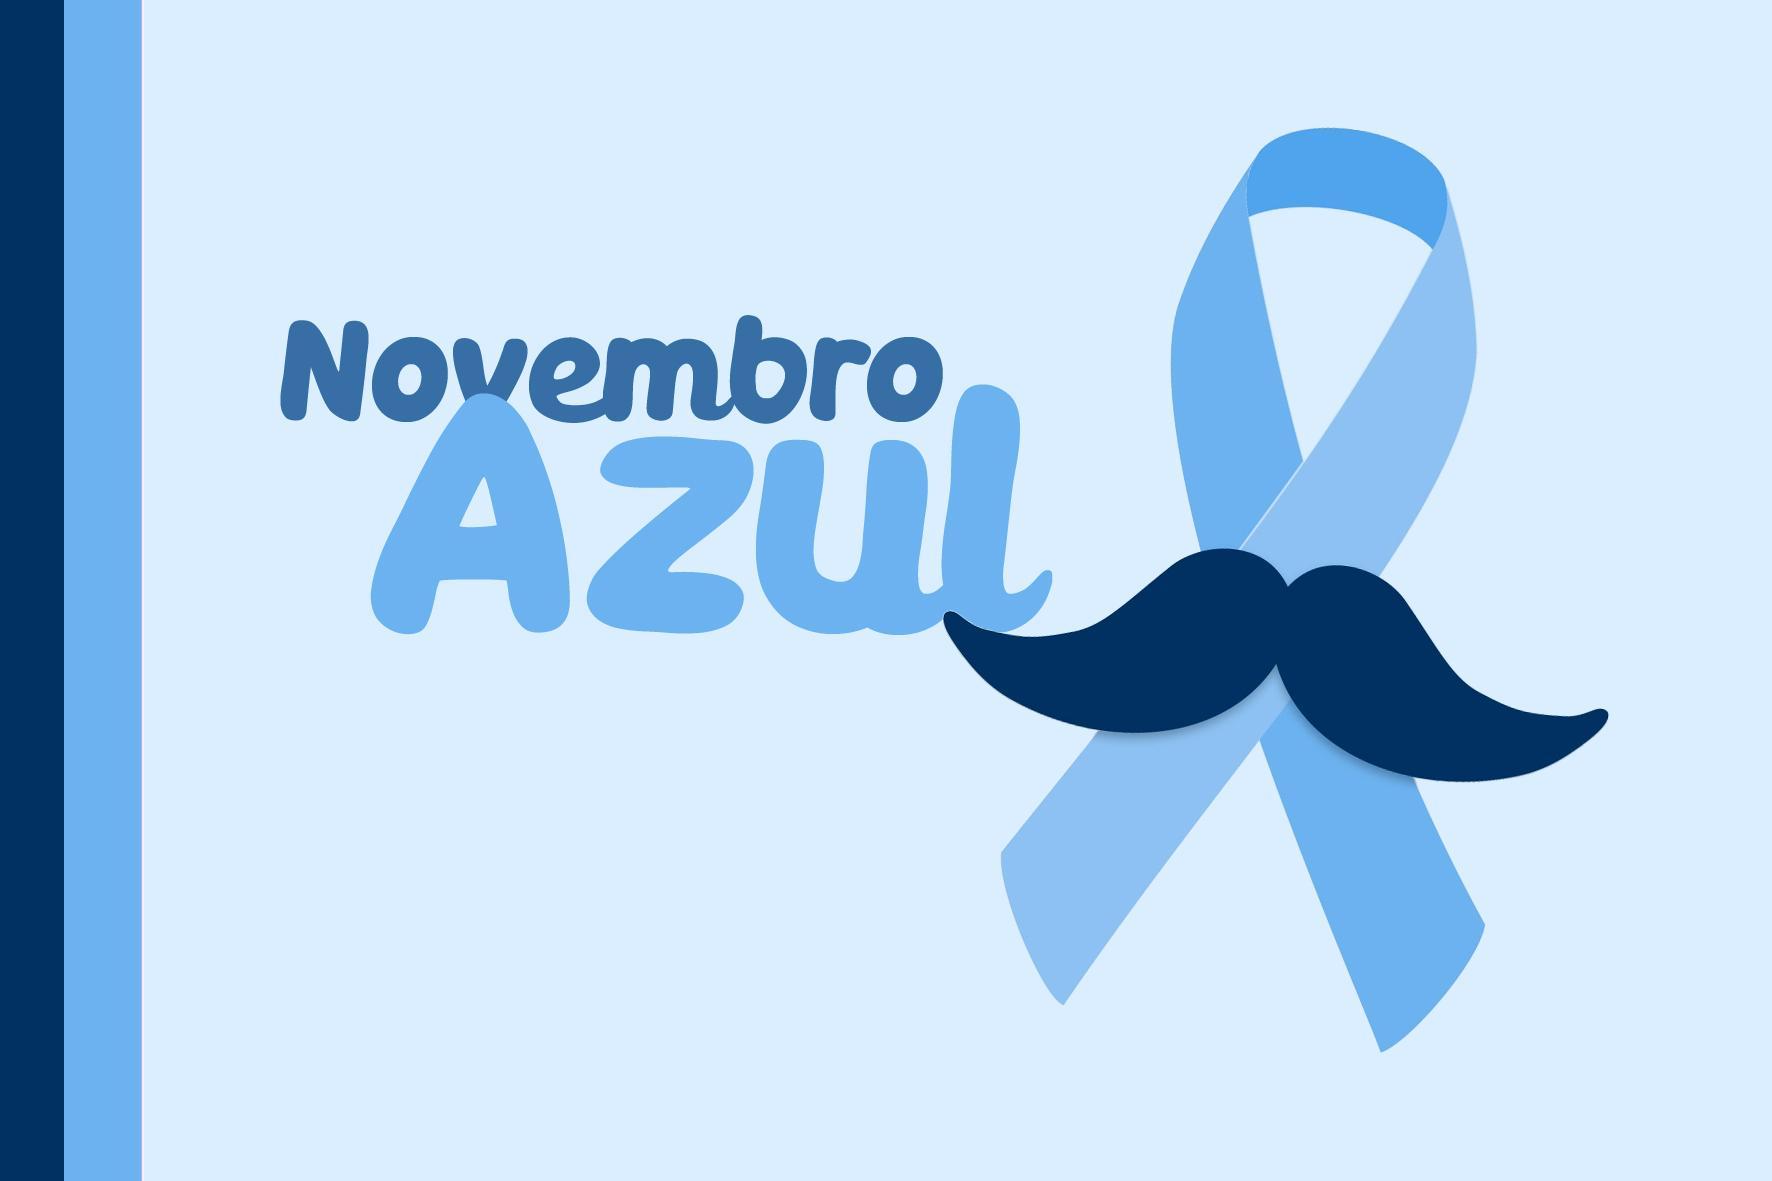 Novembro azul – Saiba tudo sobre o câncer de próstata